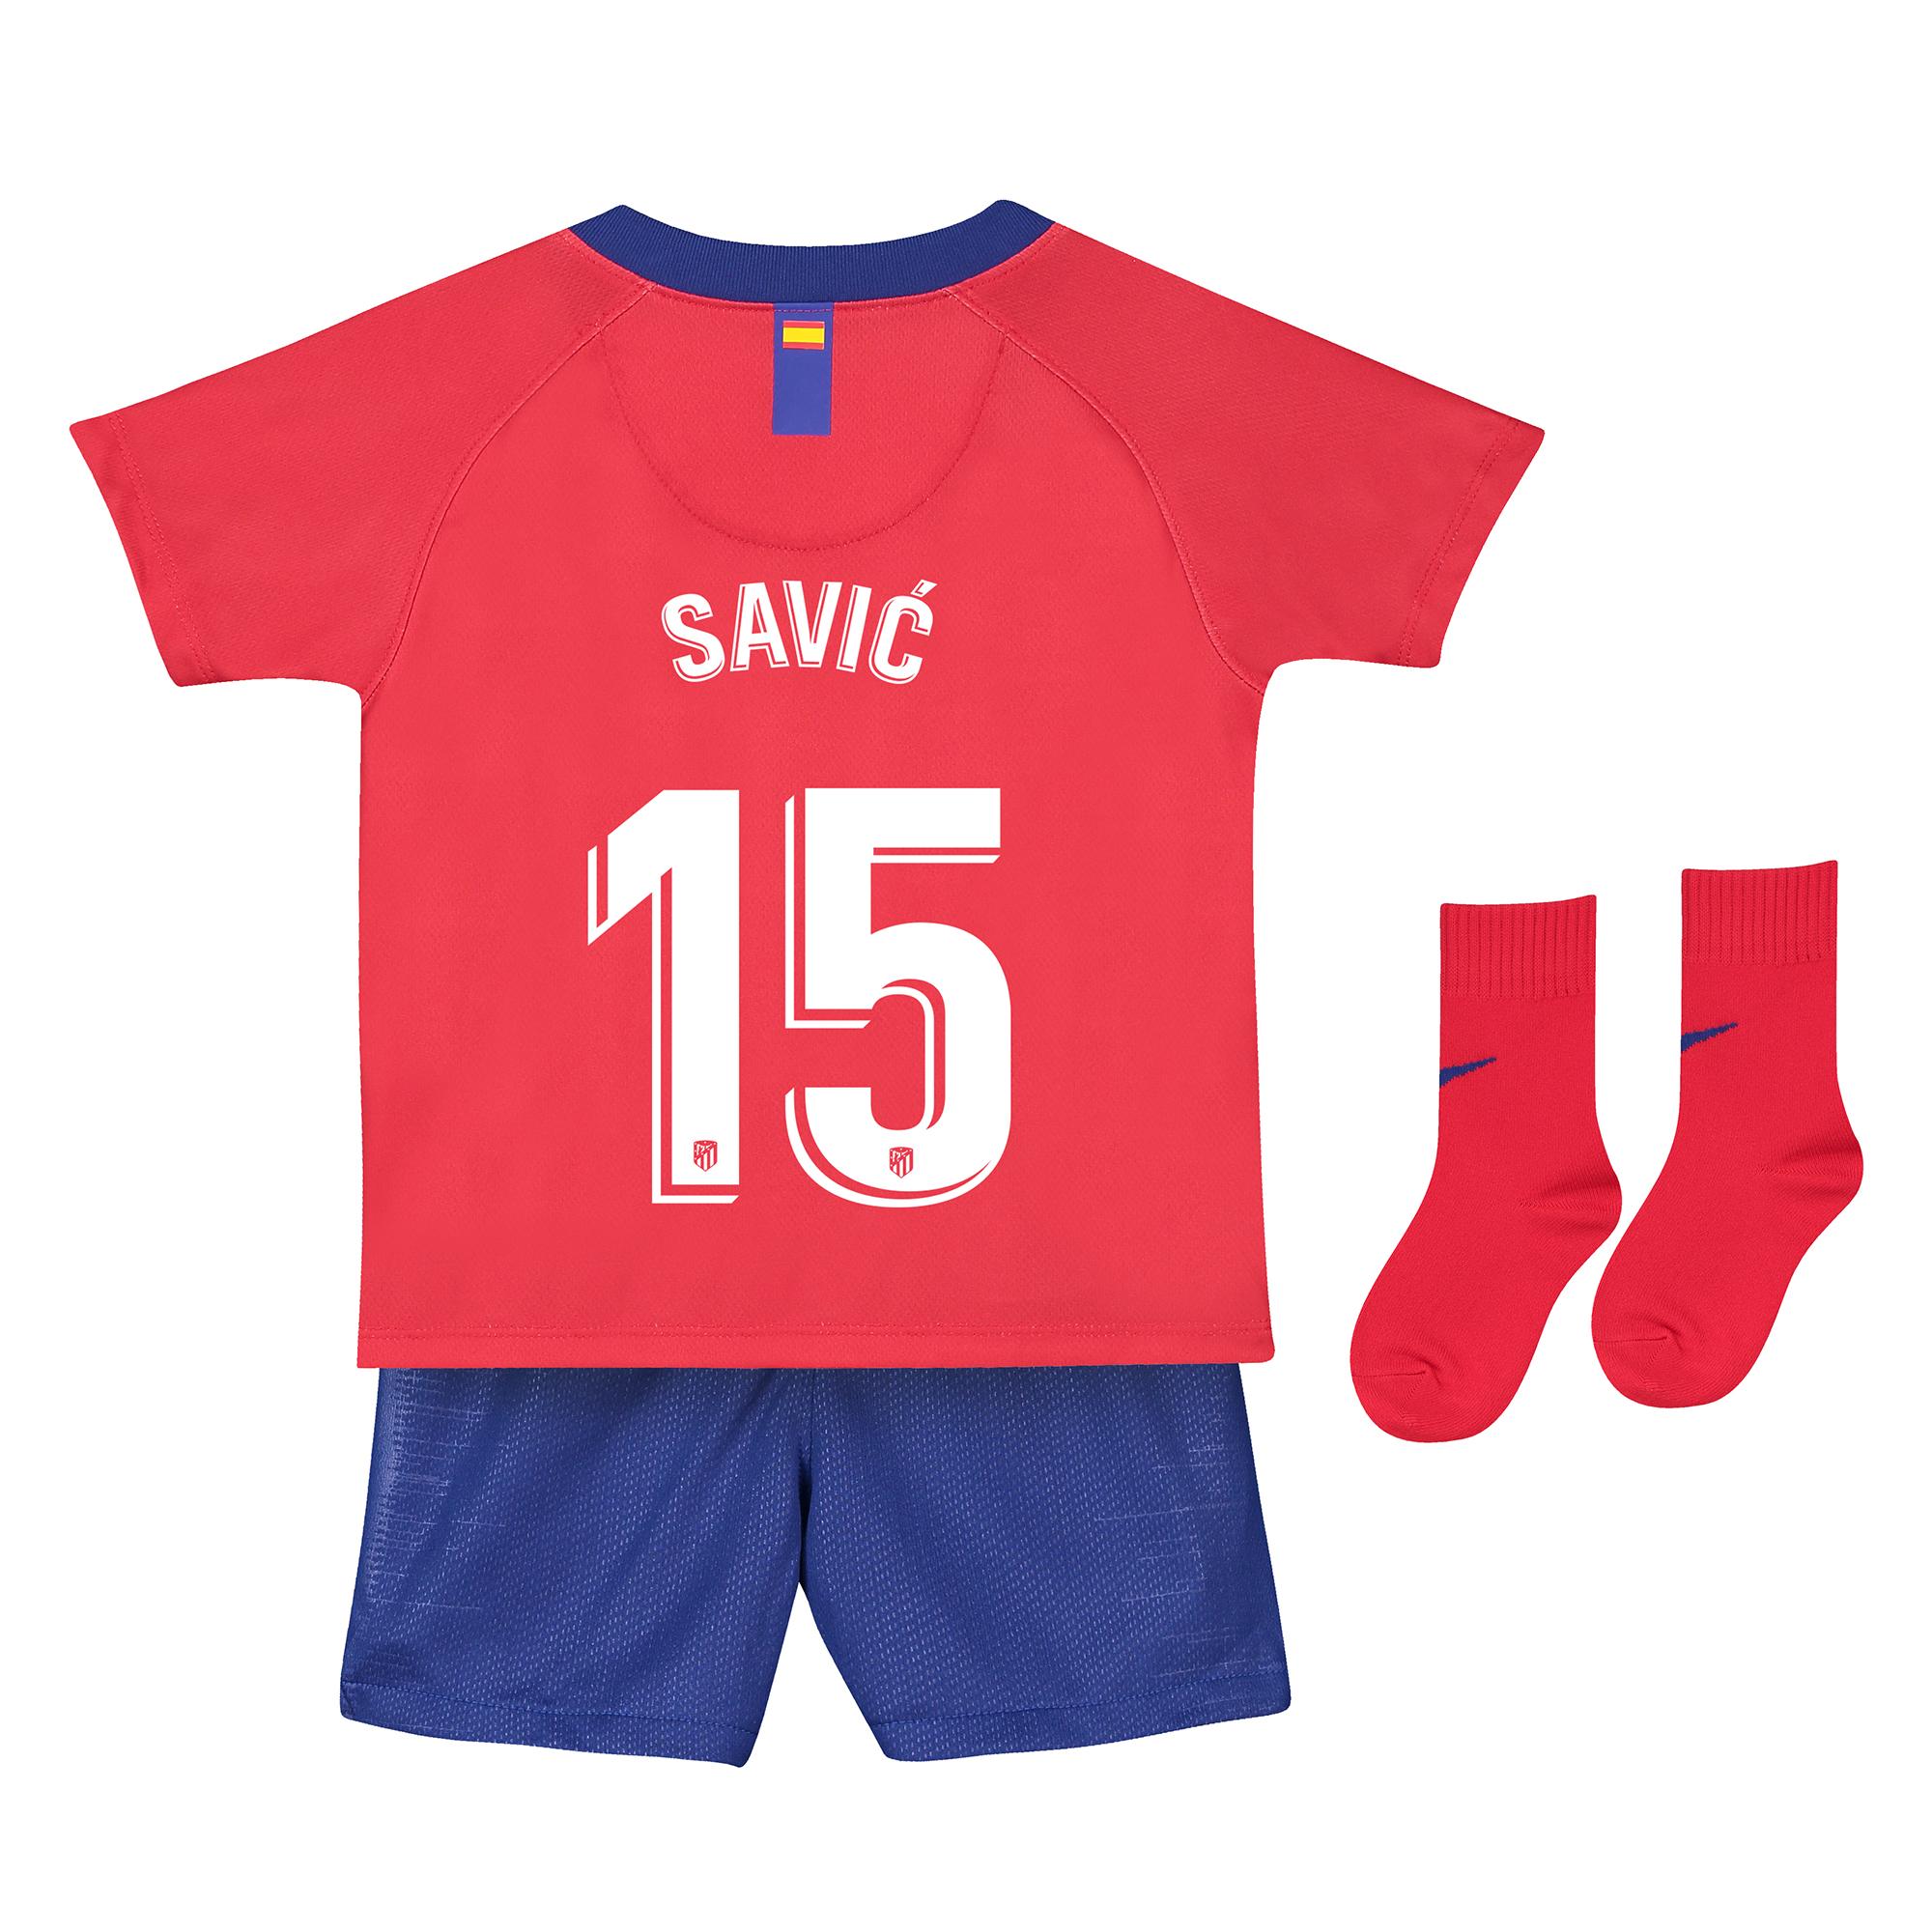 Conjunto de la 1ª equipación Stadium del Atlético de Madrid 2018-19 - Bebé dorsal Savic 15